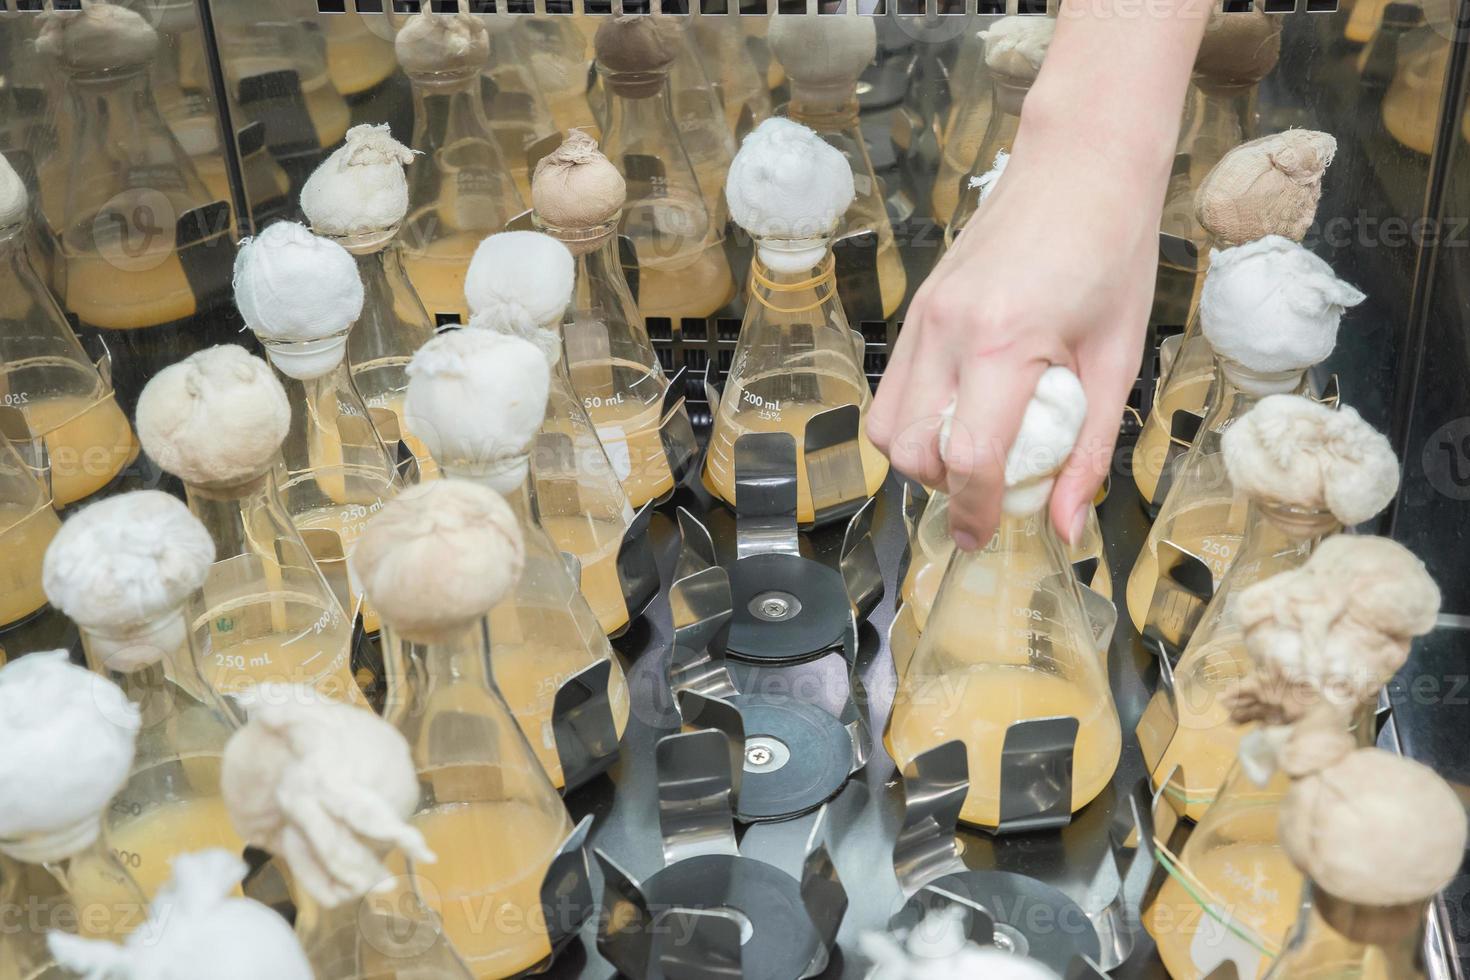 pallone di coltura in agitatore per provette di laboratorio foto